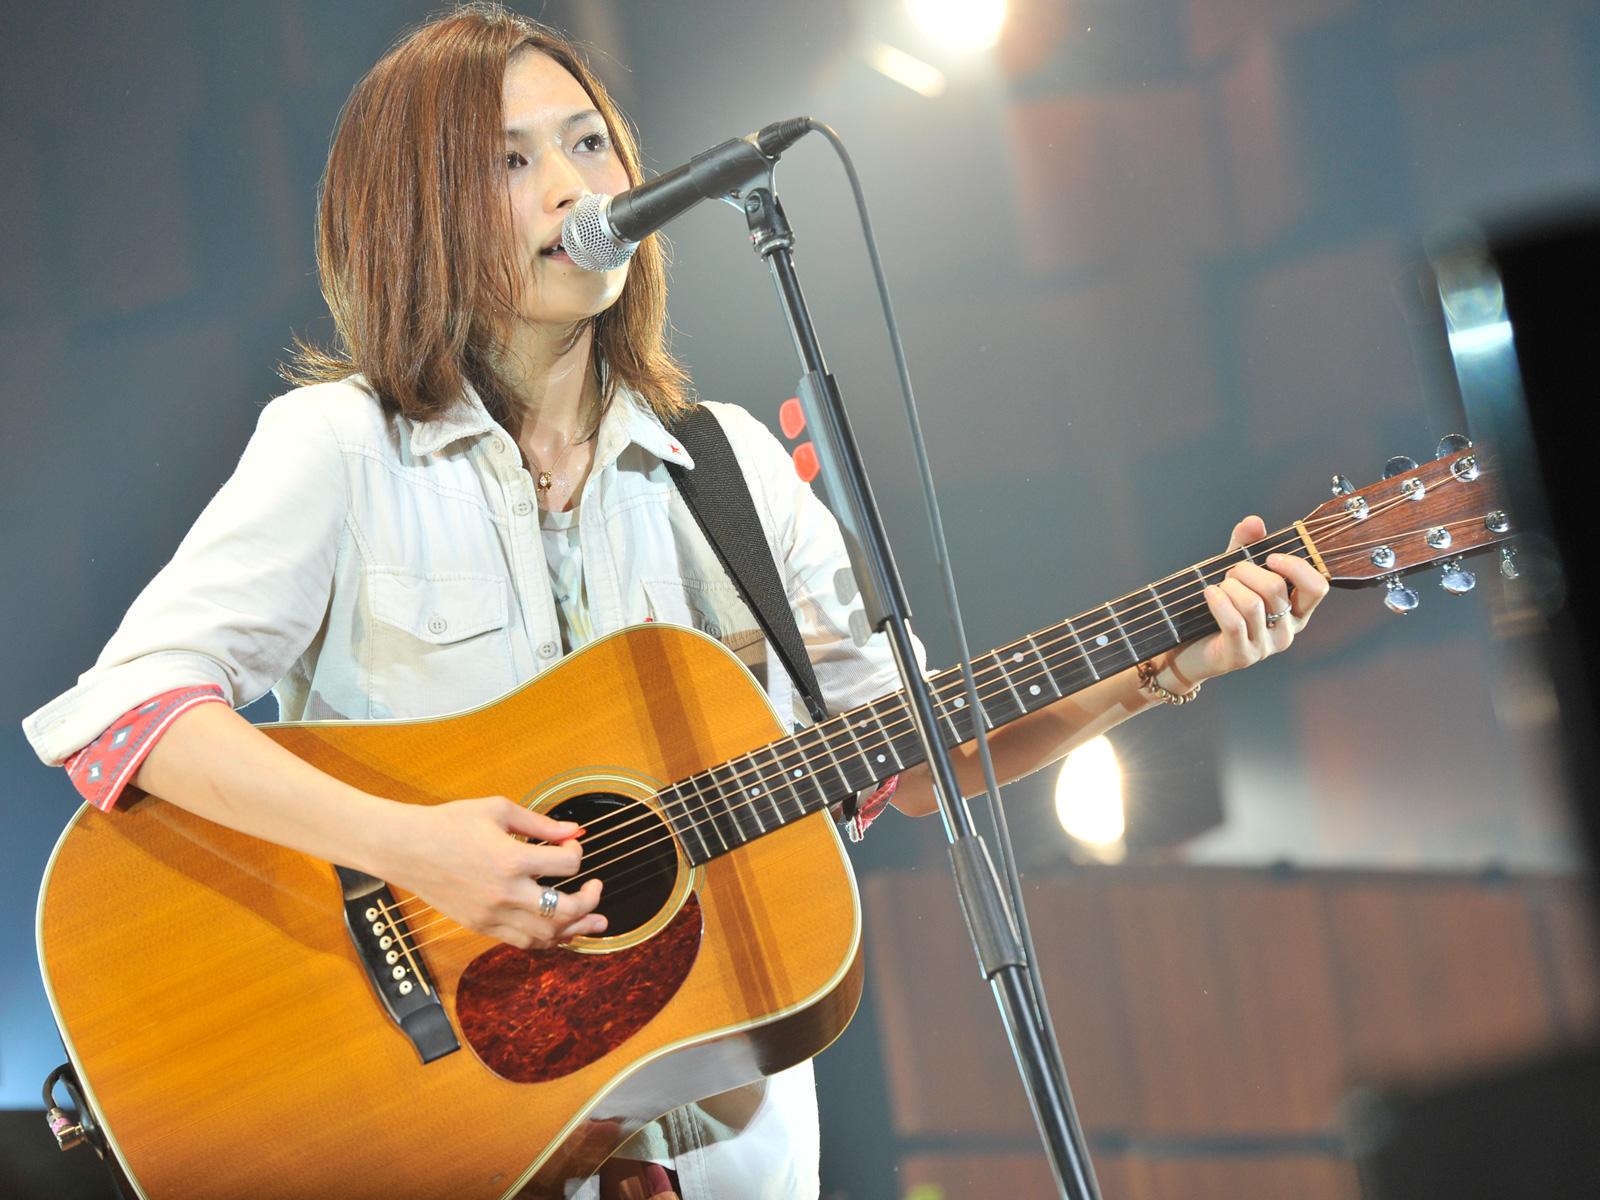 musica japonesa en vivo: